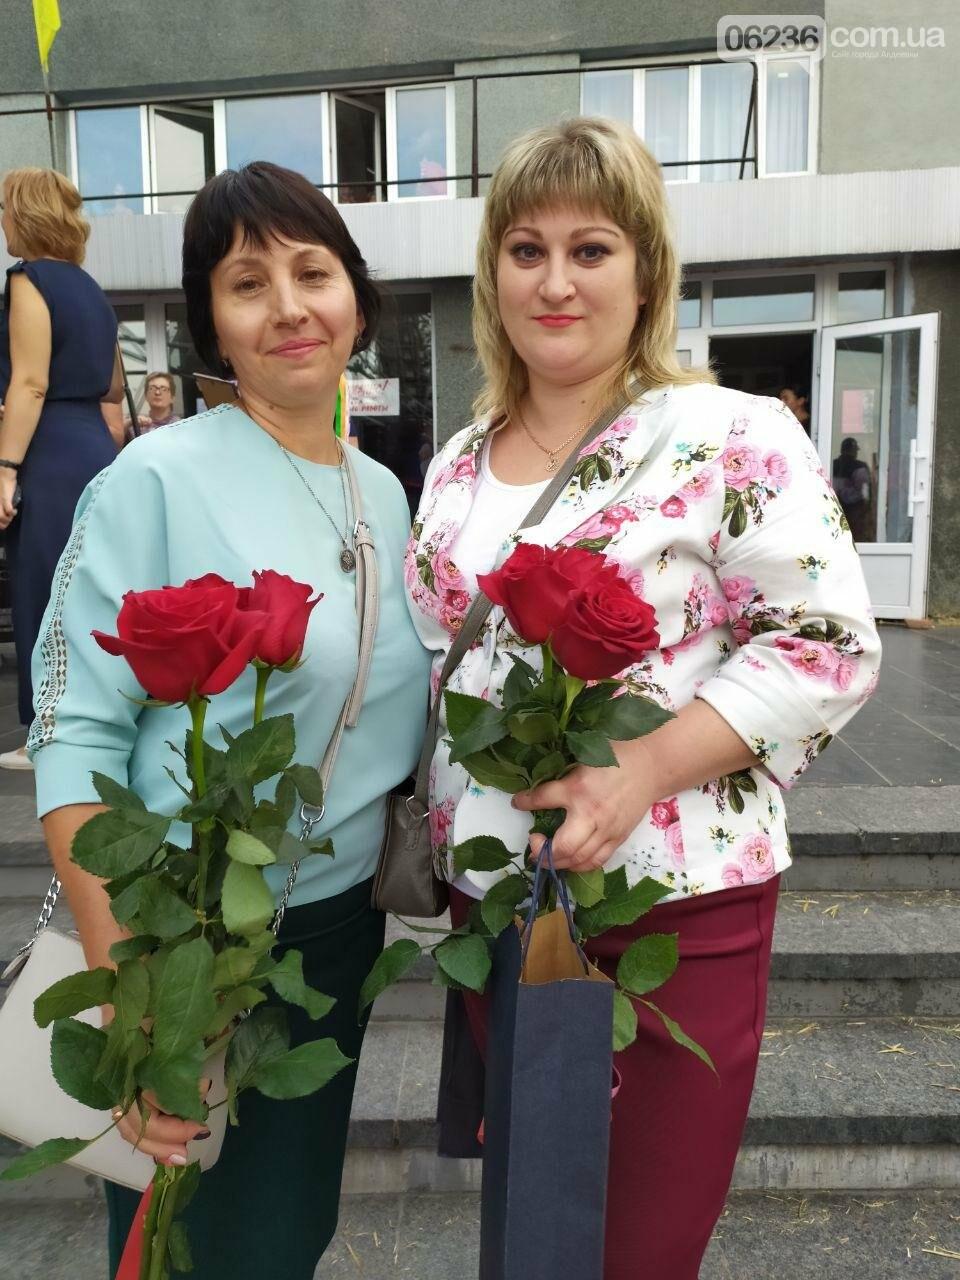 Авдеевка ярко отпраздновала День города (ФОТОРЕПОРТАЖ), фото-10